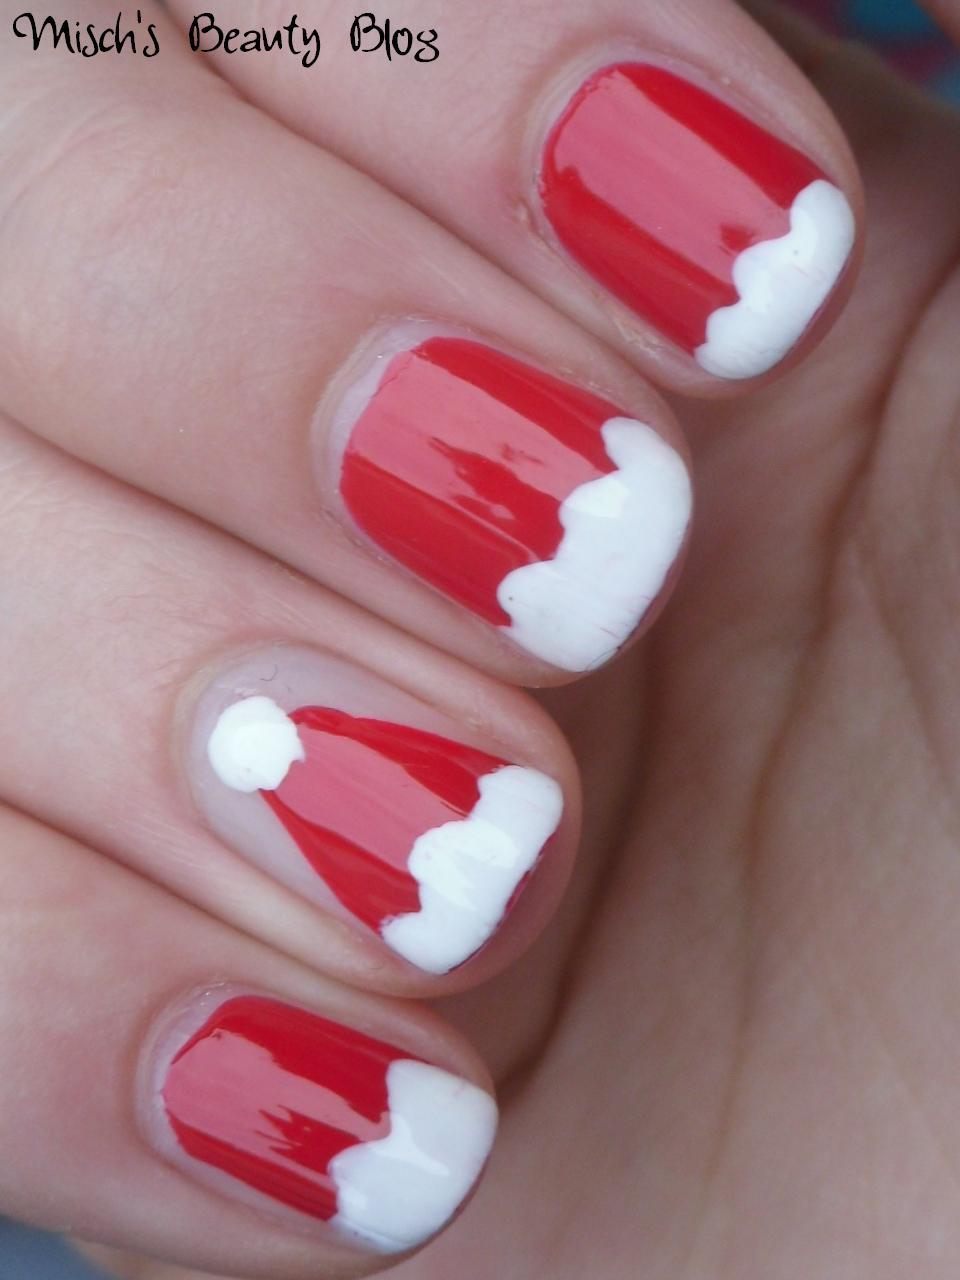 Cute nail designs easy do yourself cute nail designs easy do yourself diy nail art without any tools 5 nail solutioingenieria Choice Image